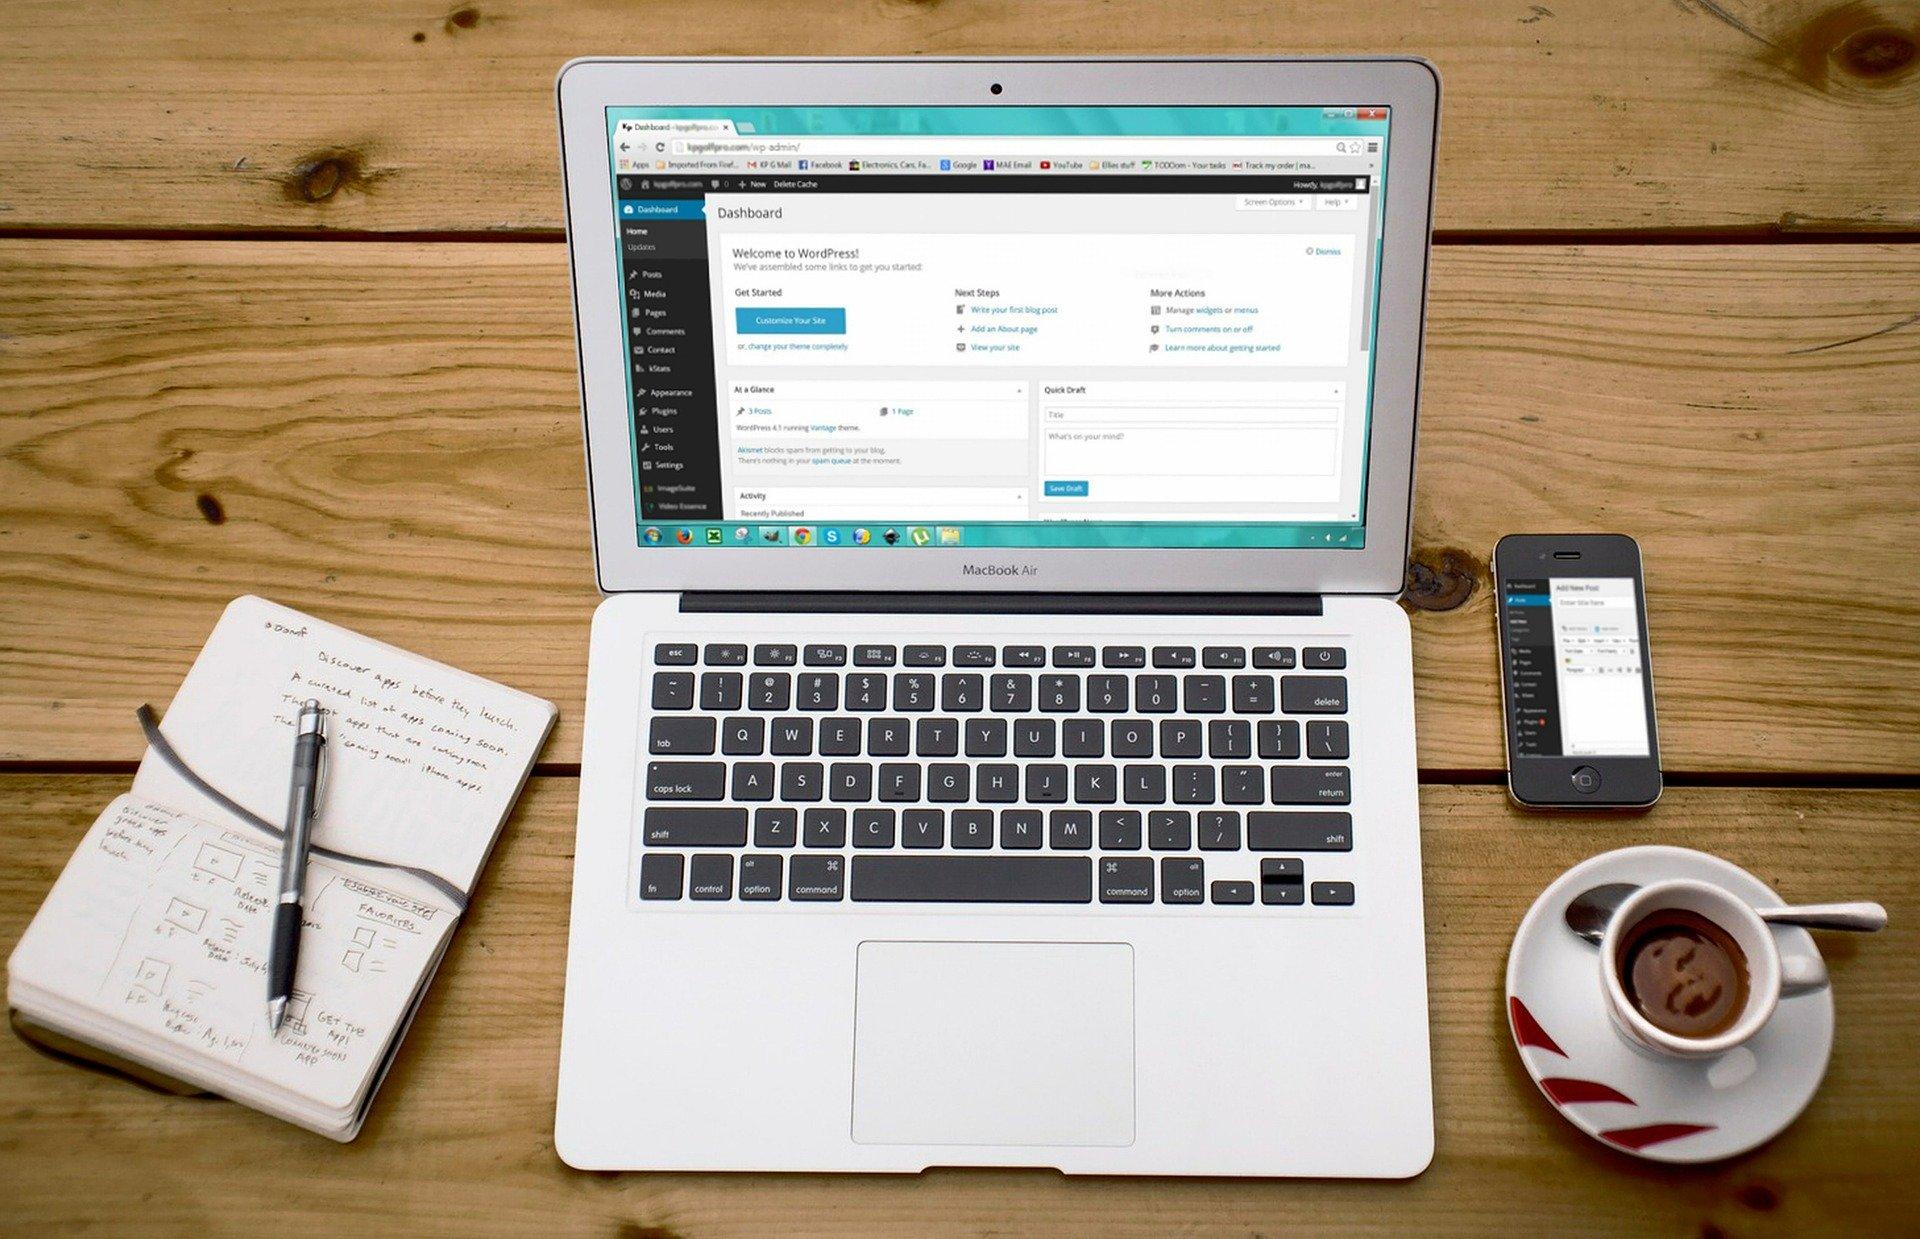 laptop showing wordpress admin dashboard